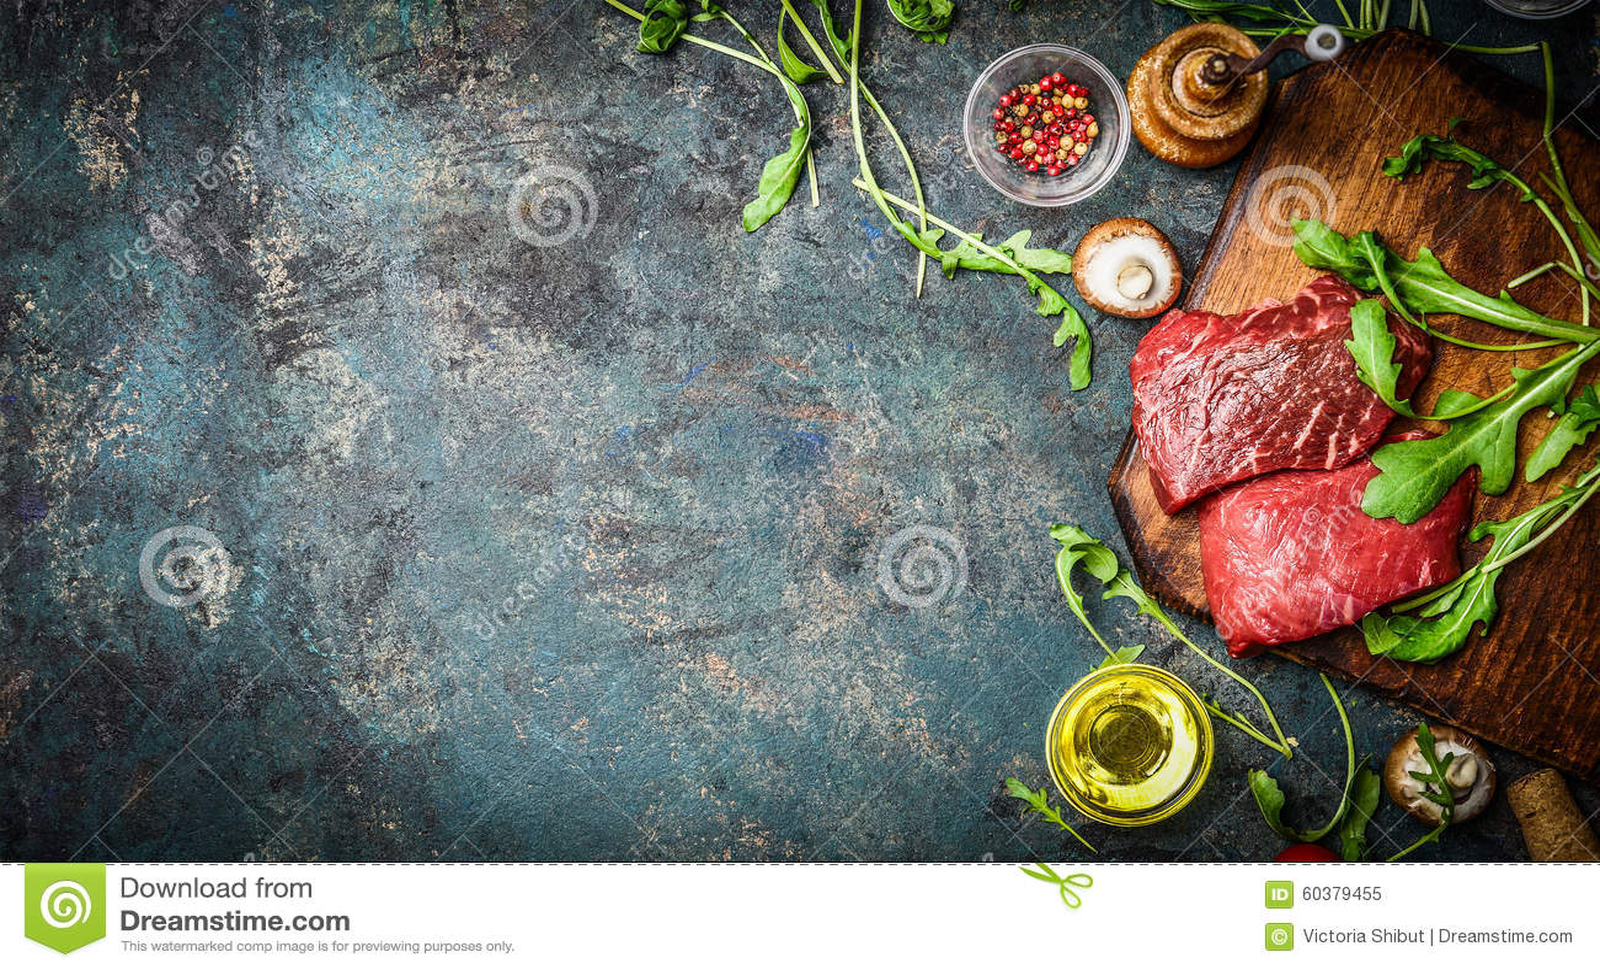 Ruw Rundvleeslapje vlees en verse ingrediënten voor het koken op rustieke achtergrond, hoogste mening, banner